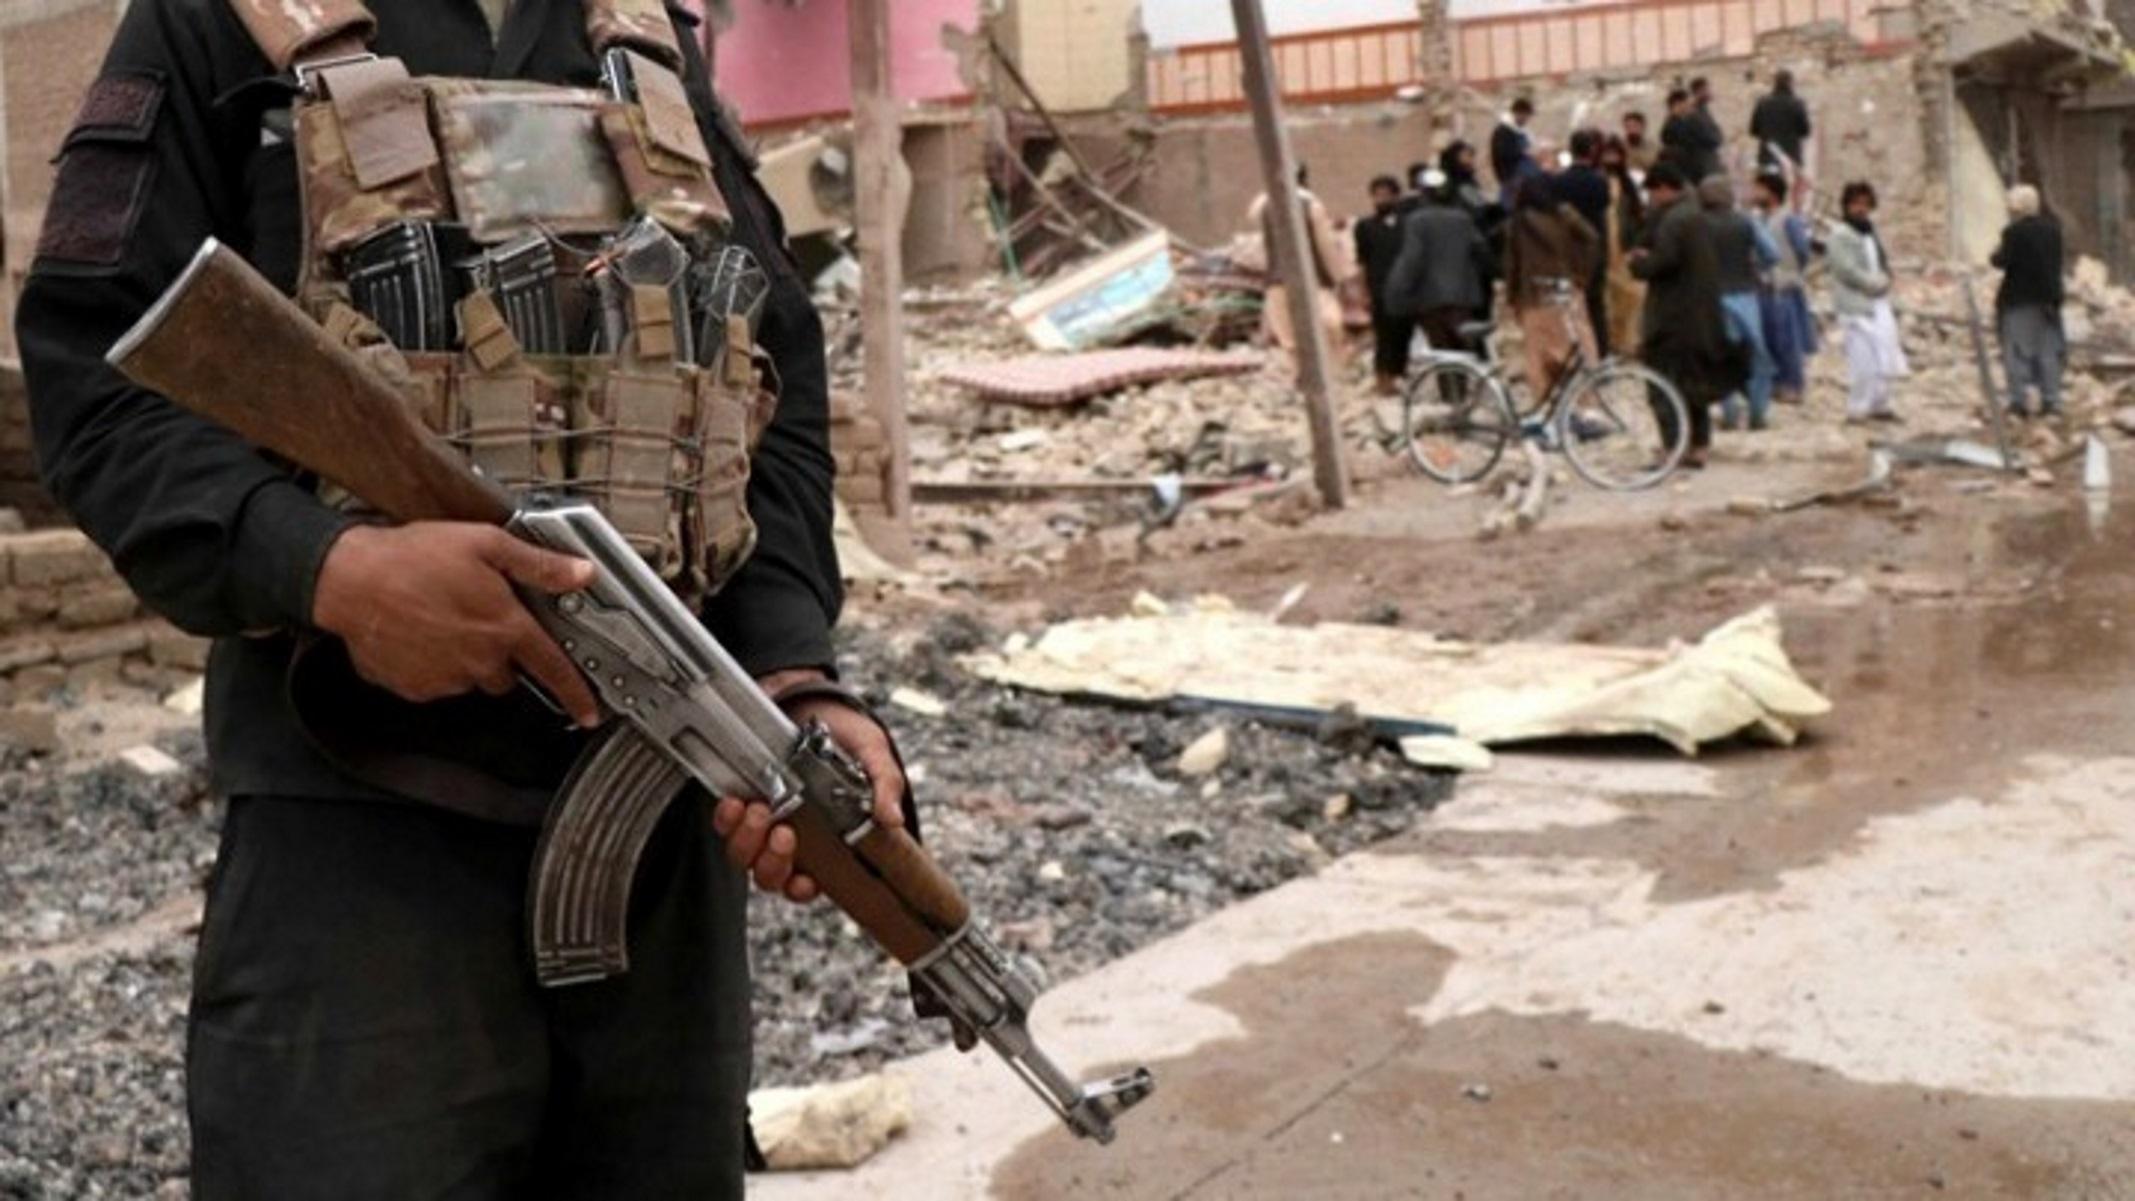 Αφγανιστάν – Γαλλία: Δεν αναγνωρίζει την κυβέρνηση των Ταλιμπάν